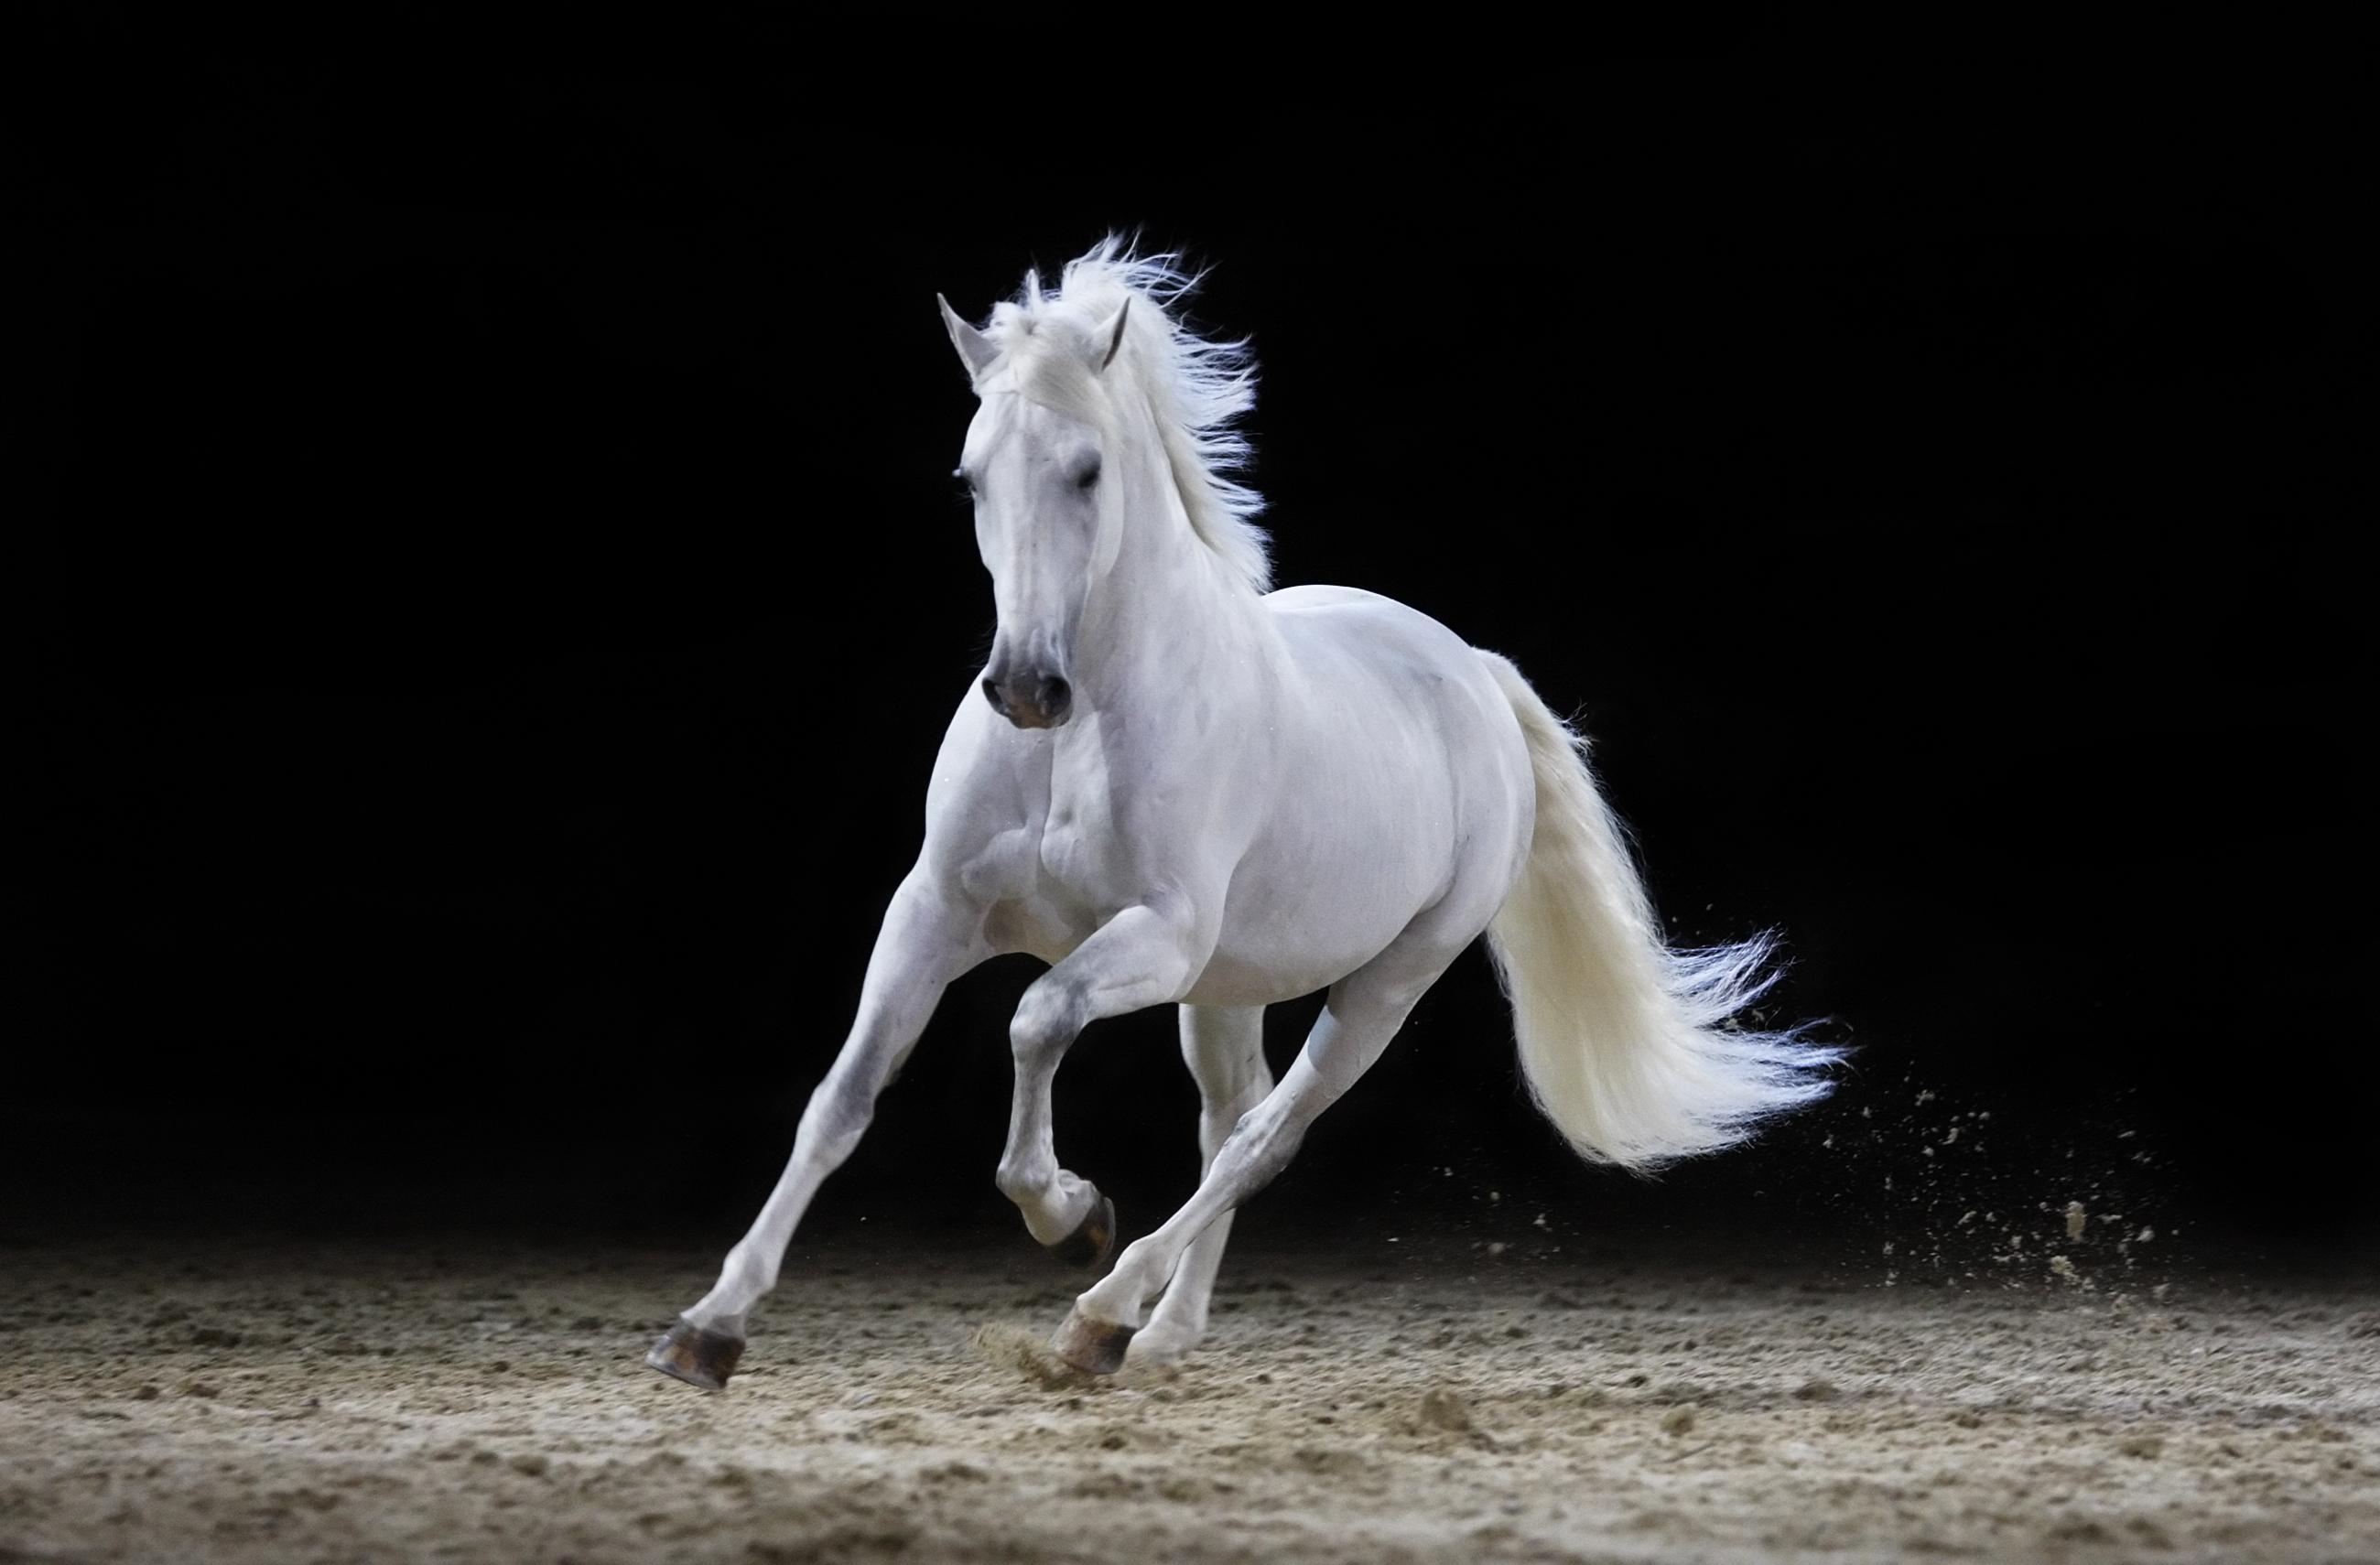 Gray-stallion-galloping-117147973_2600x1710.jpeg